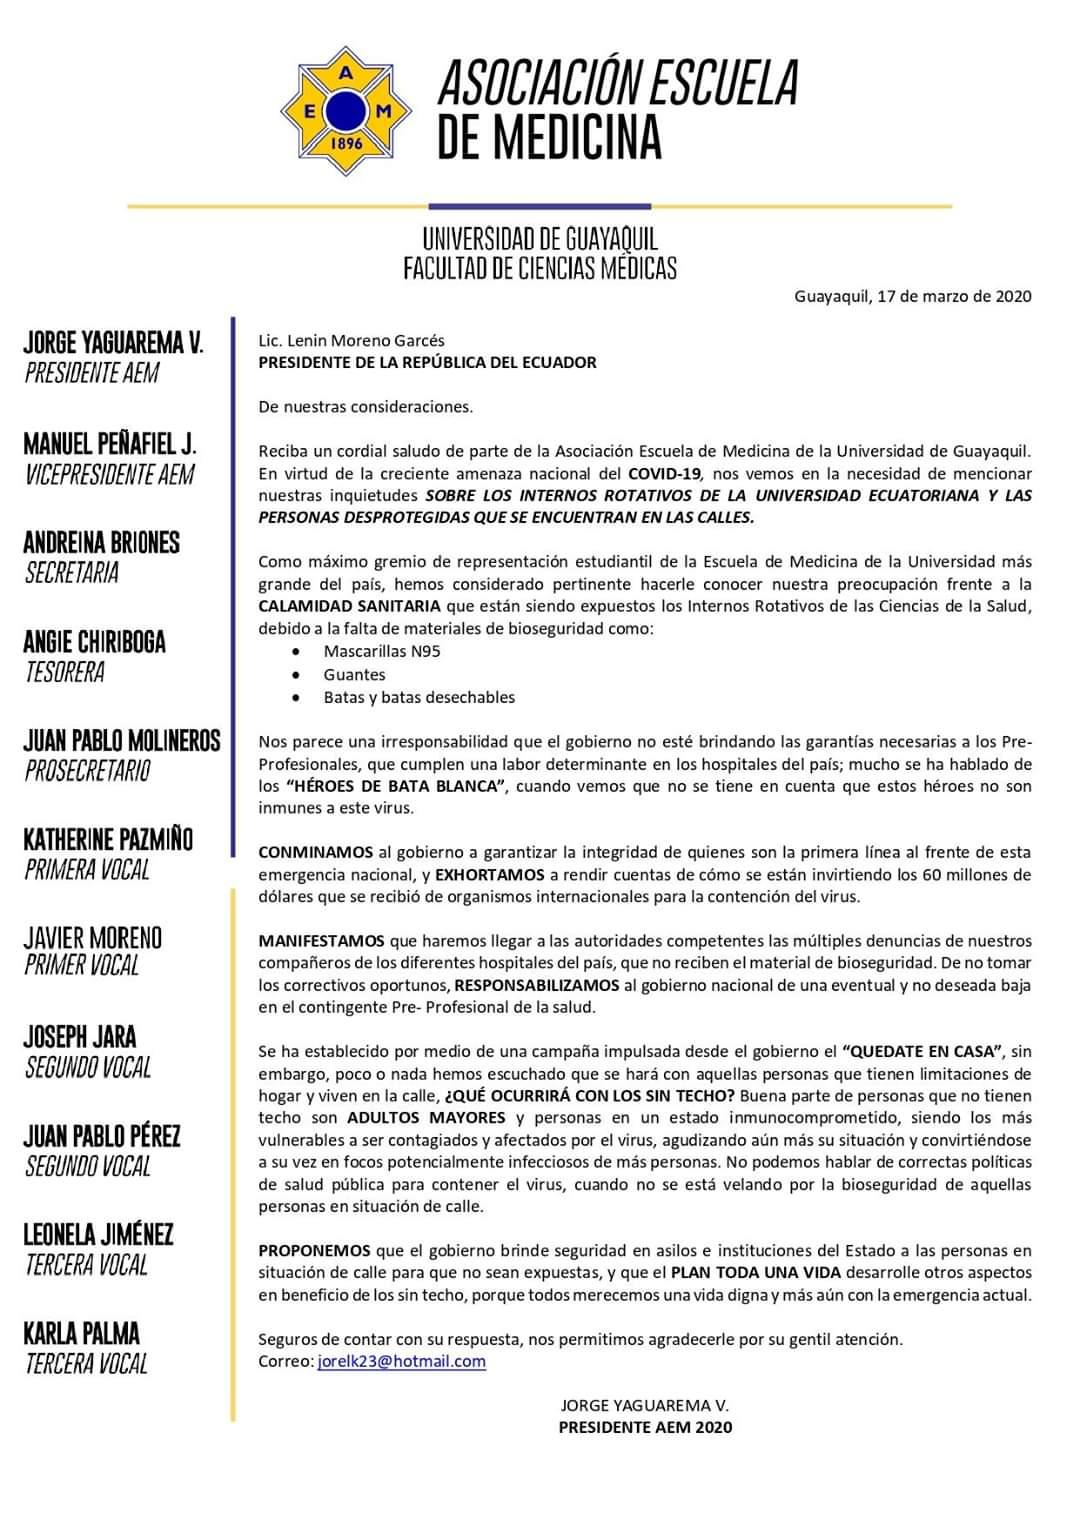 Comunicado de la Asociaci�n Escuela de Medicina de la Universidad de Guayaquil.